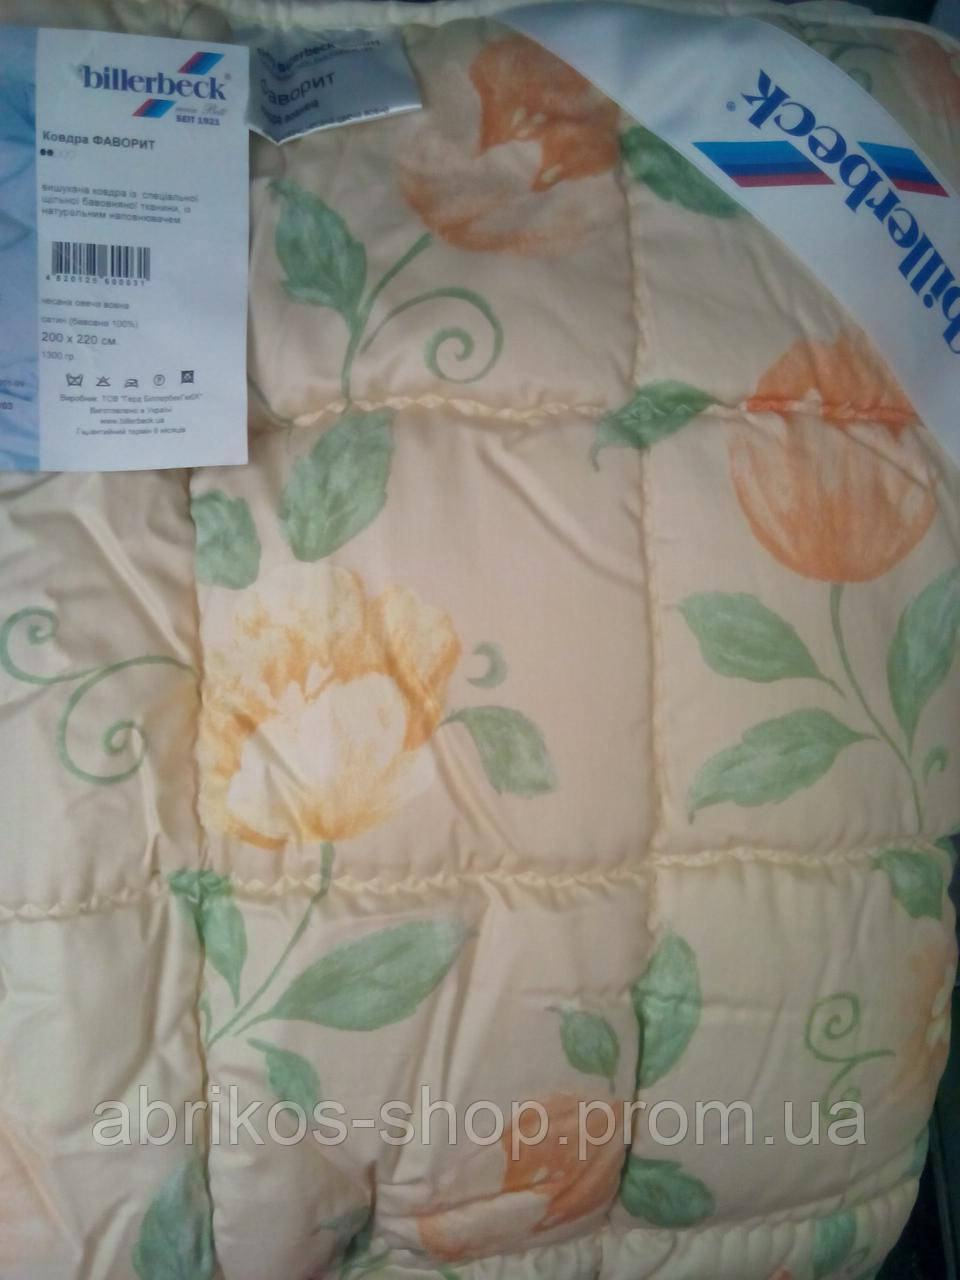 Шерстяное облегченное одеялo Фаворит (Billerbeck ) 220 х 200